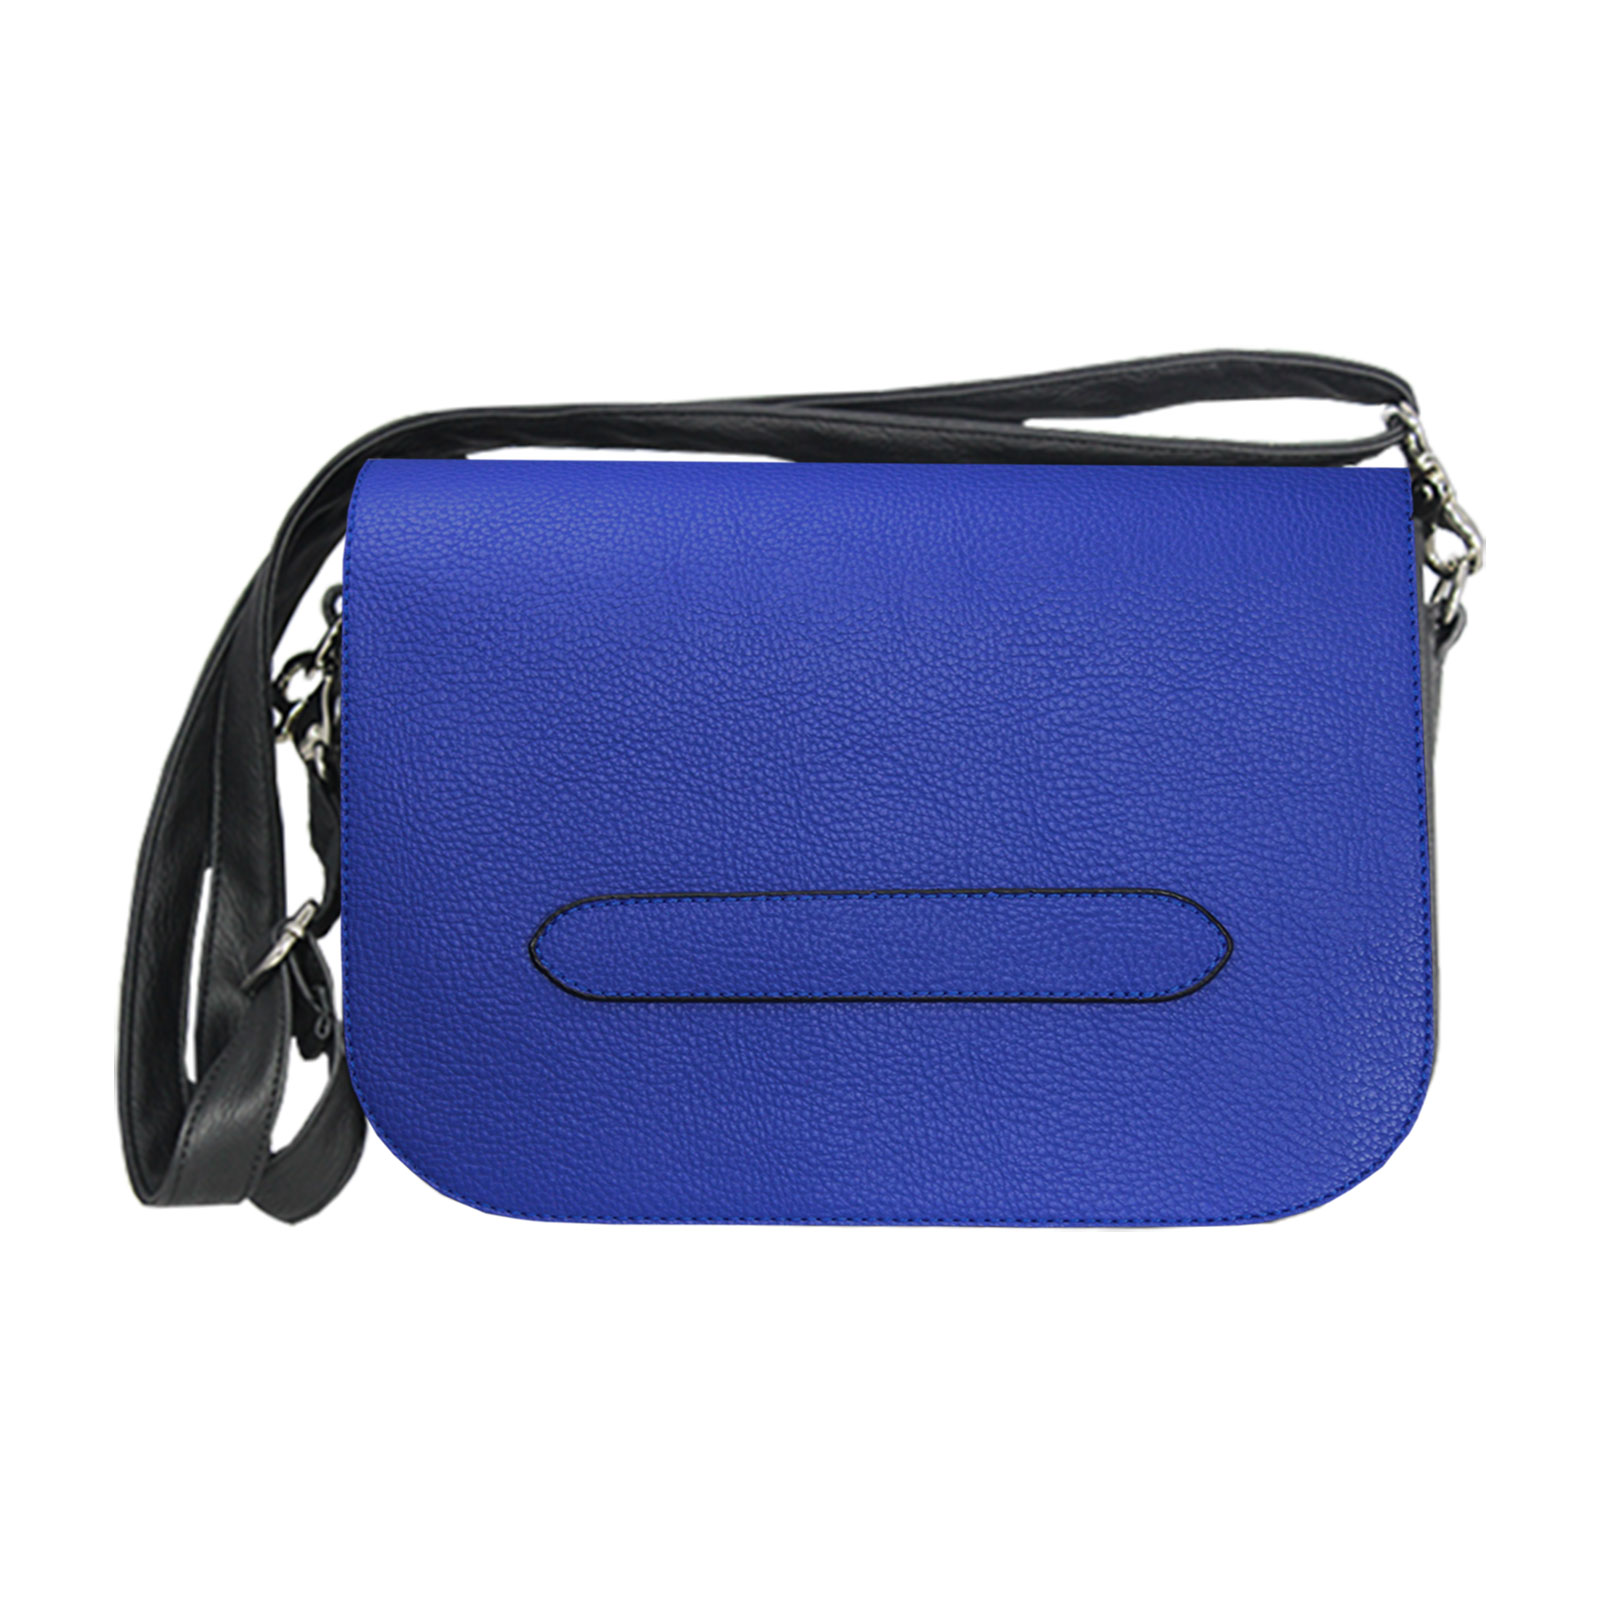 Dunkelblaue Handtasche Delieta soft